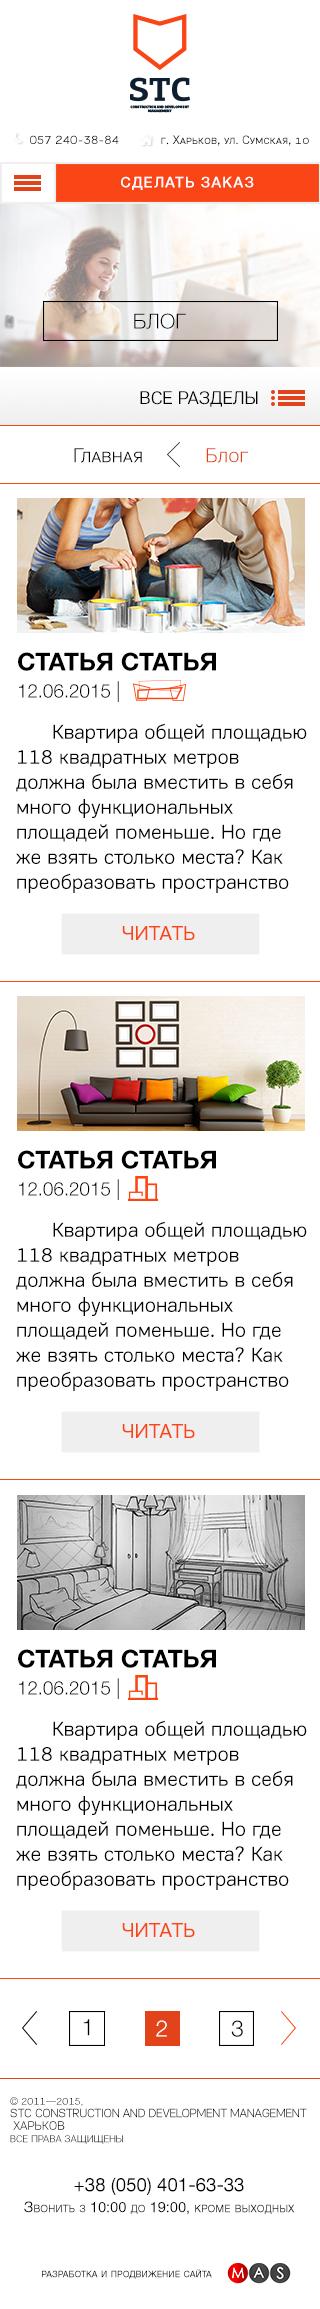 Мобильный вид страницы блога корпоративного сайта строительной компании STC